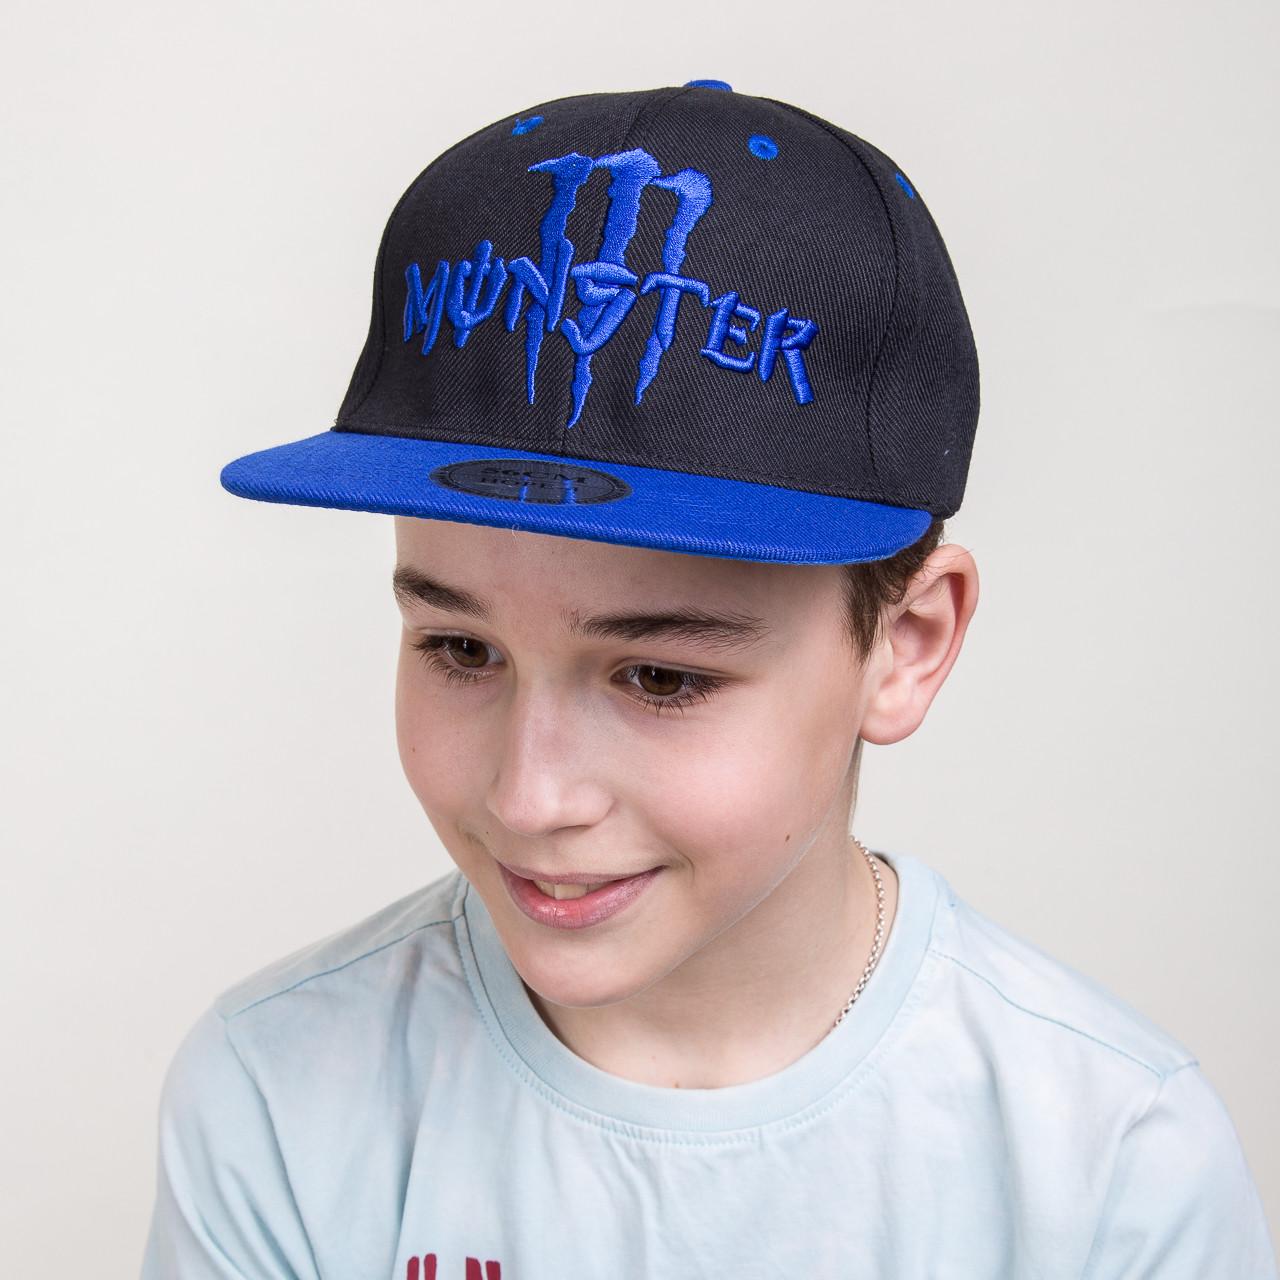 Кепка для мальчика Snapback реперская от производителя - Monster - Б12b